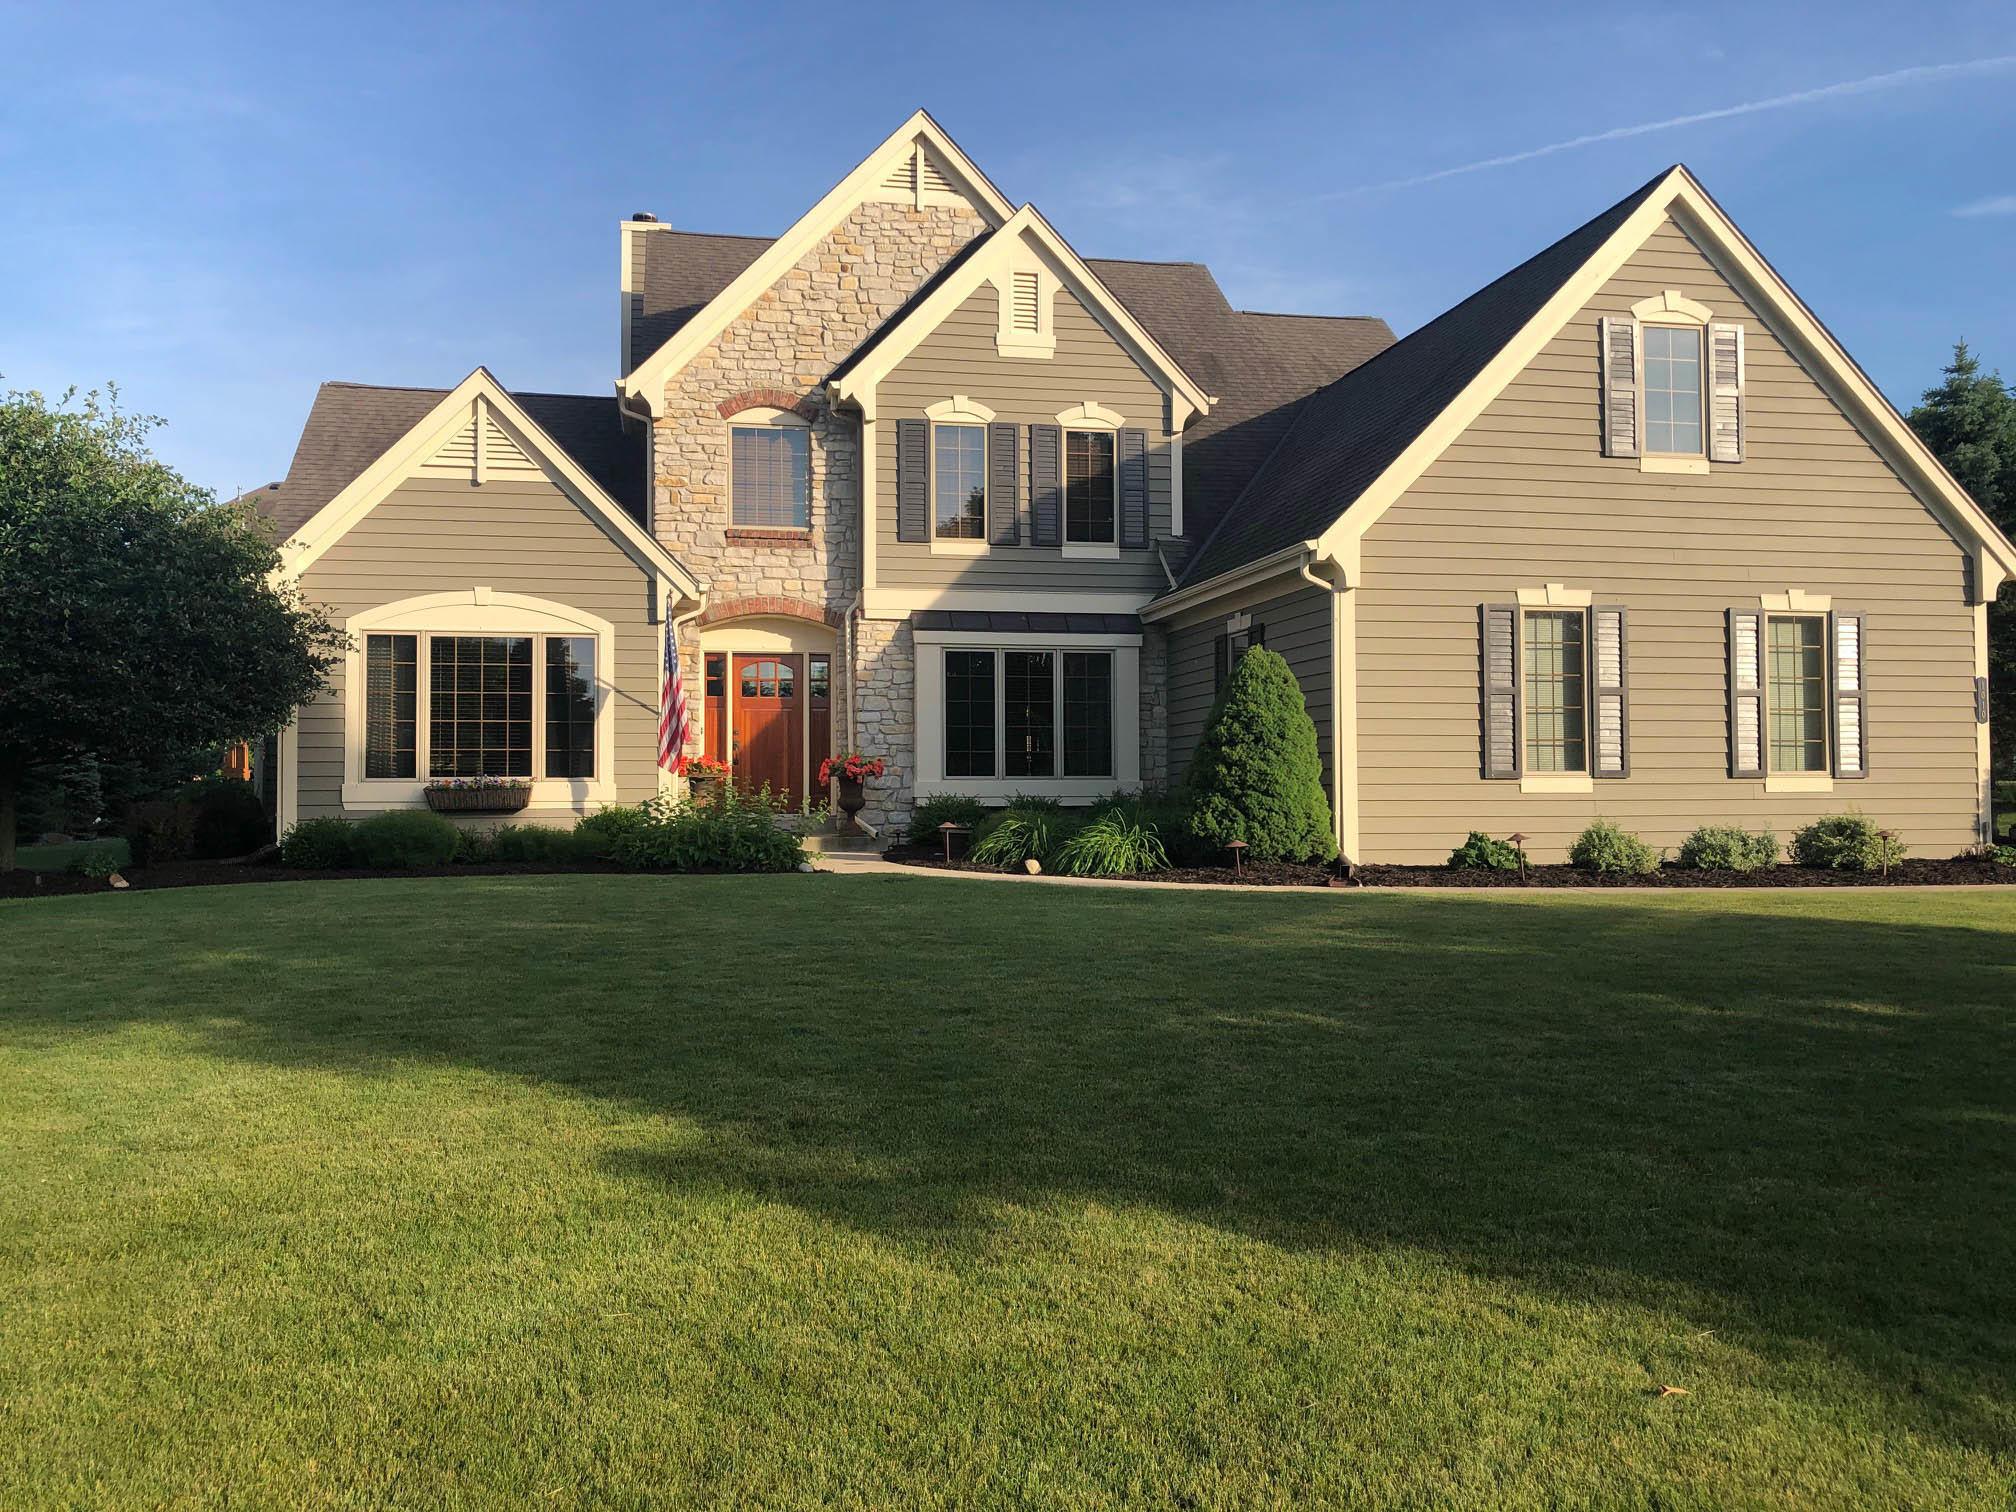 1010 River Reserve Dr, Hartland, Wisconsin 53029, 4 Bedrooms Bedrooms, 9 Rooms Rooms,2 BathroomsBathrooms,Single-Family,For Sale,River Reserve Dr,1710173